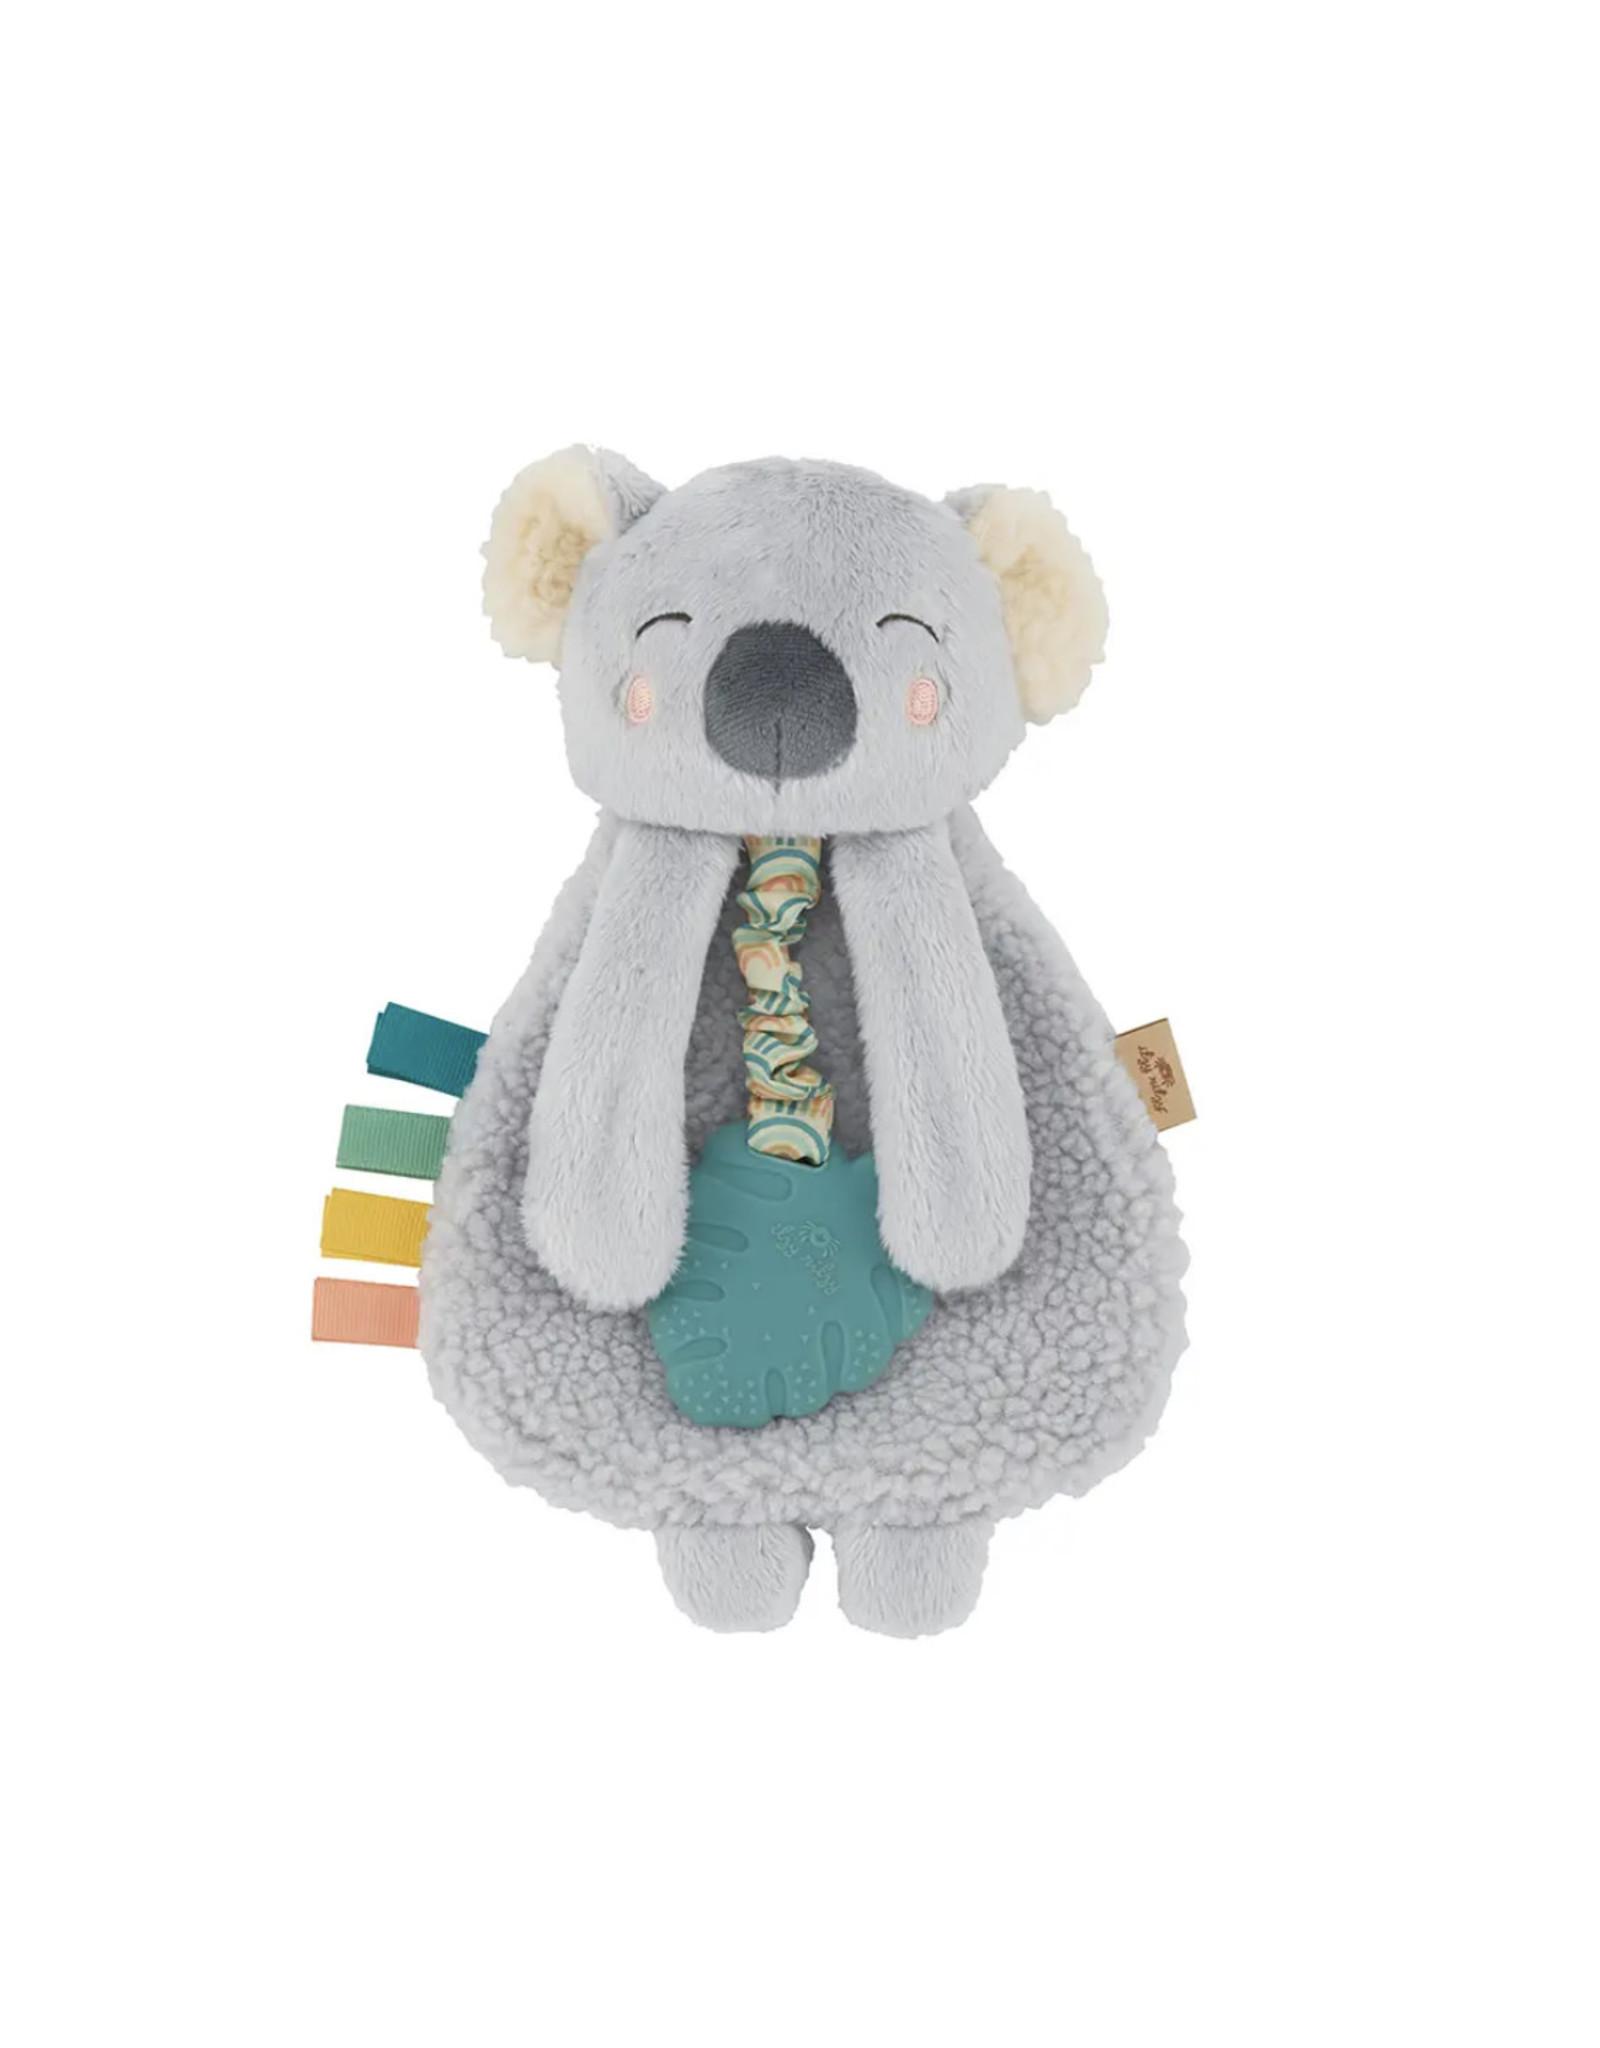 Itzy Ritzy Itzy Ritzy- Plush Lovey w/Silicone Toy: Koala